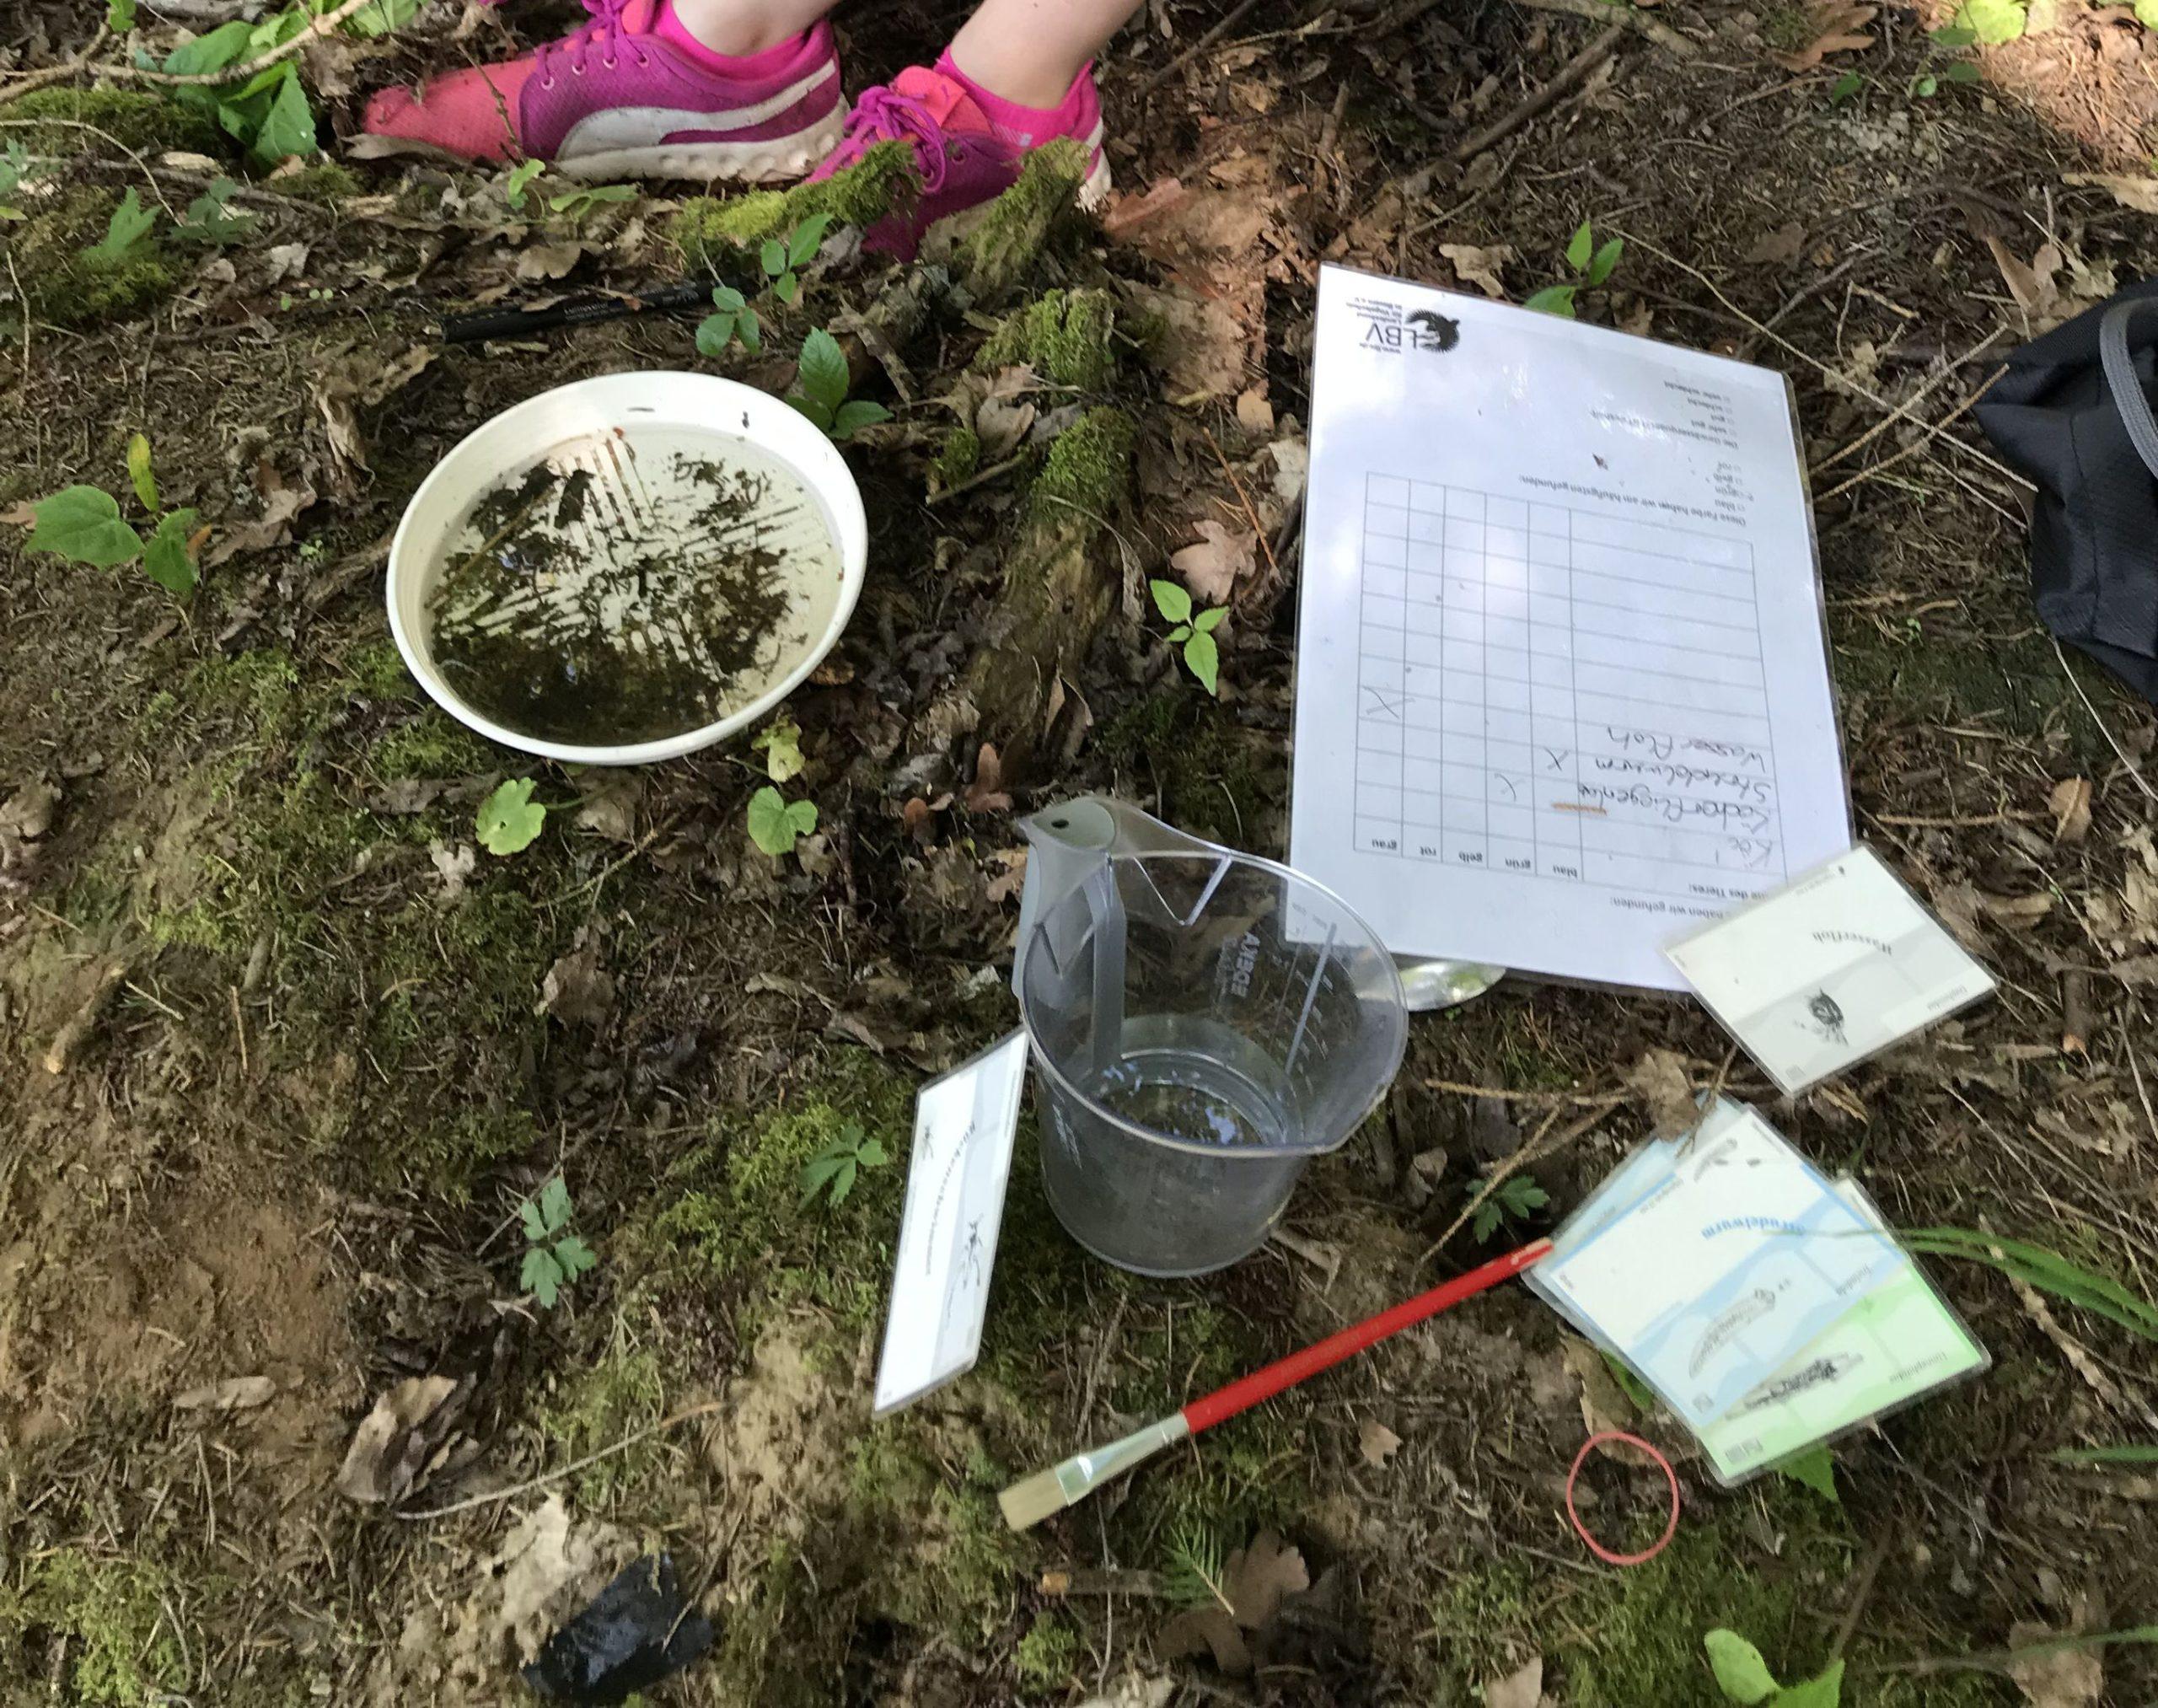 Wasserproben und ein Zettel zur Auswertung liegen auf dem Boden